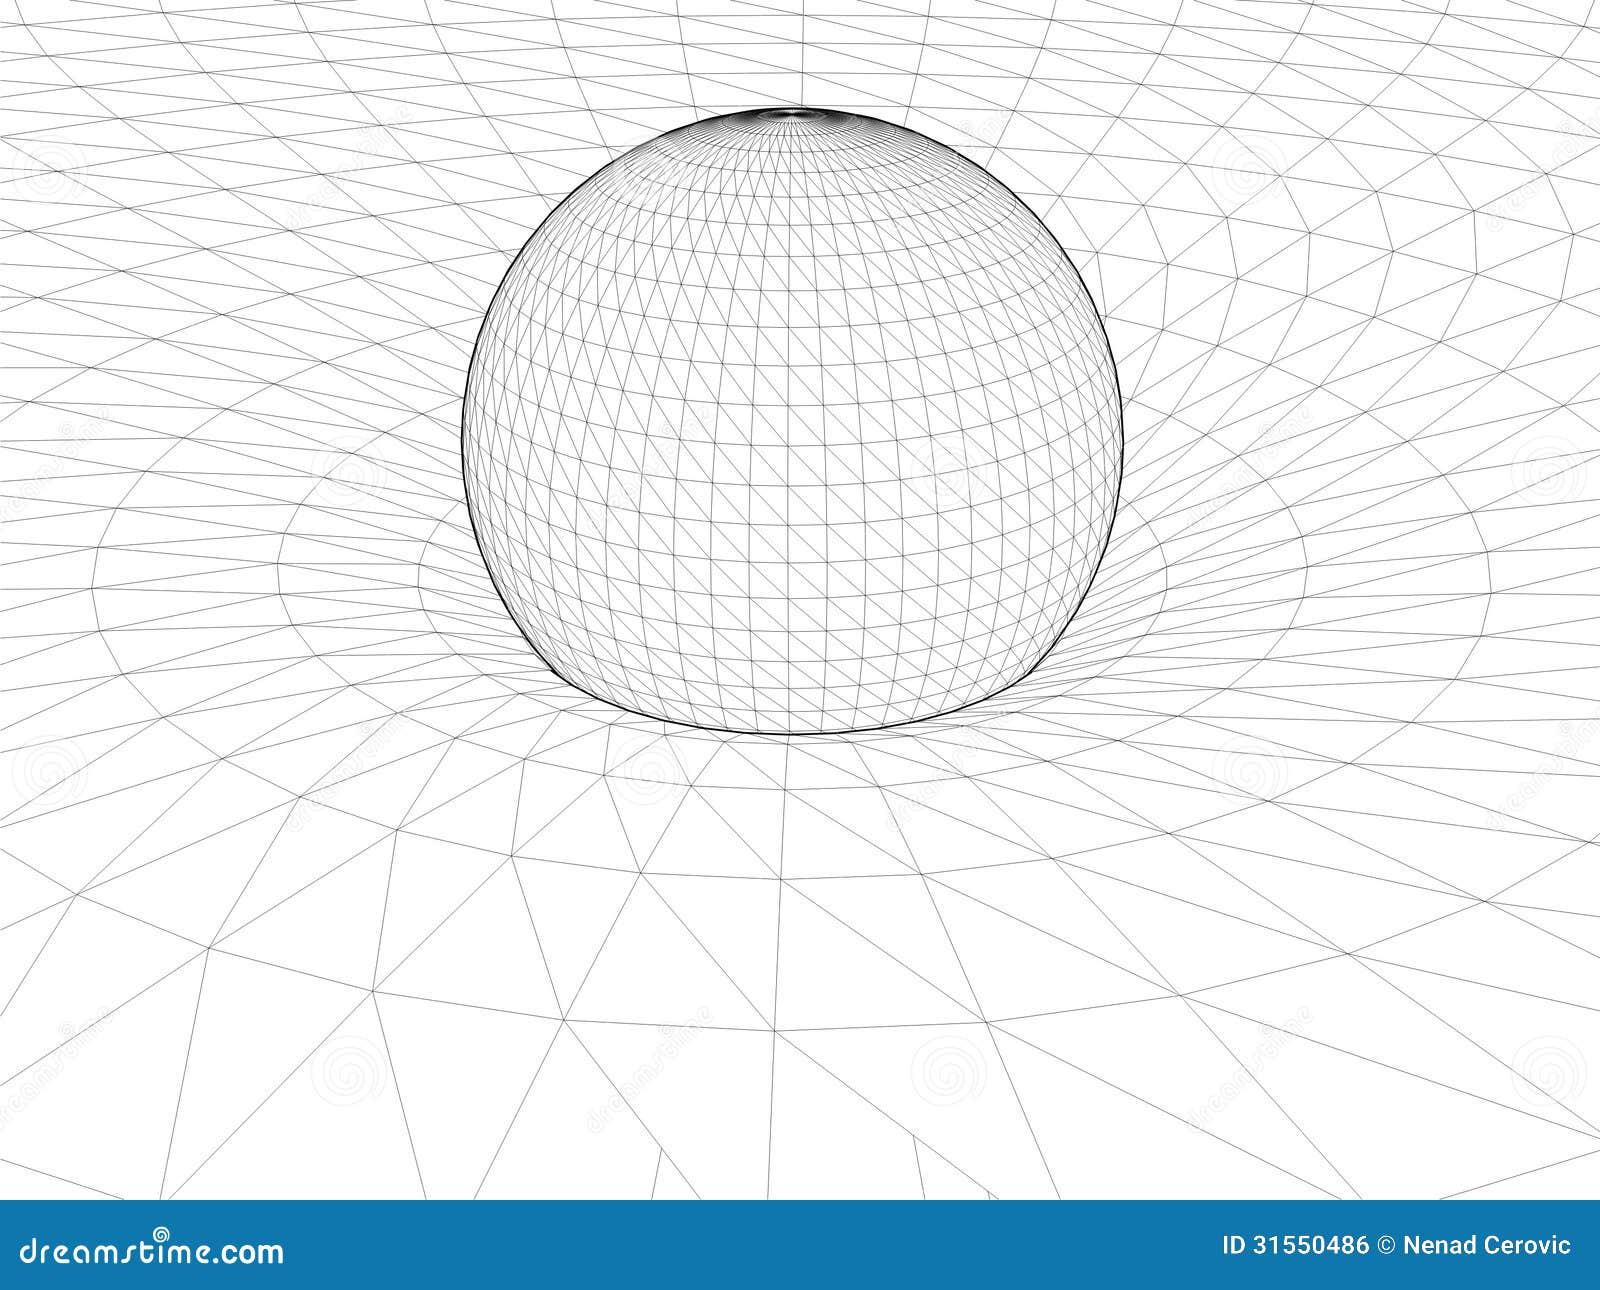 Einsteins Draht-Netz-allgemeiner Relativitätstheorie-Struktur-Vektor ...